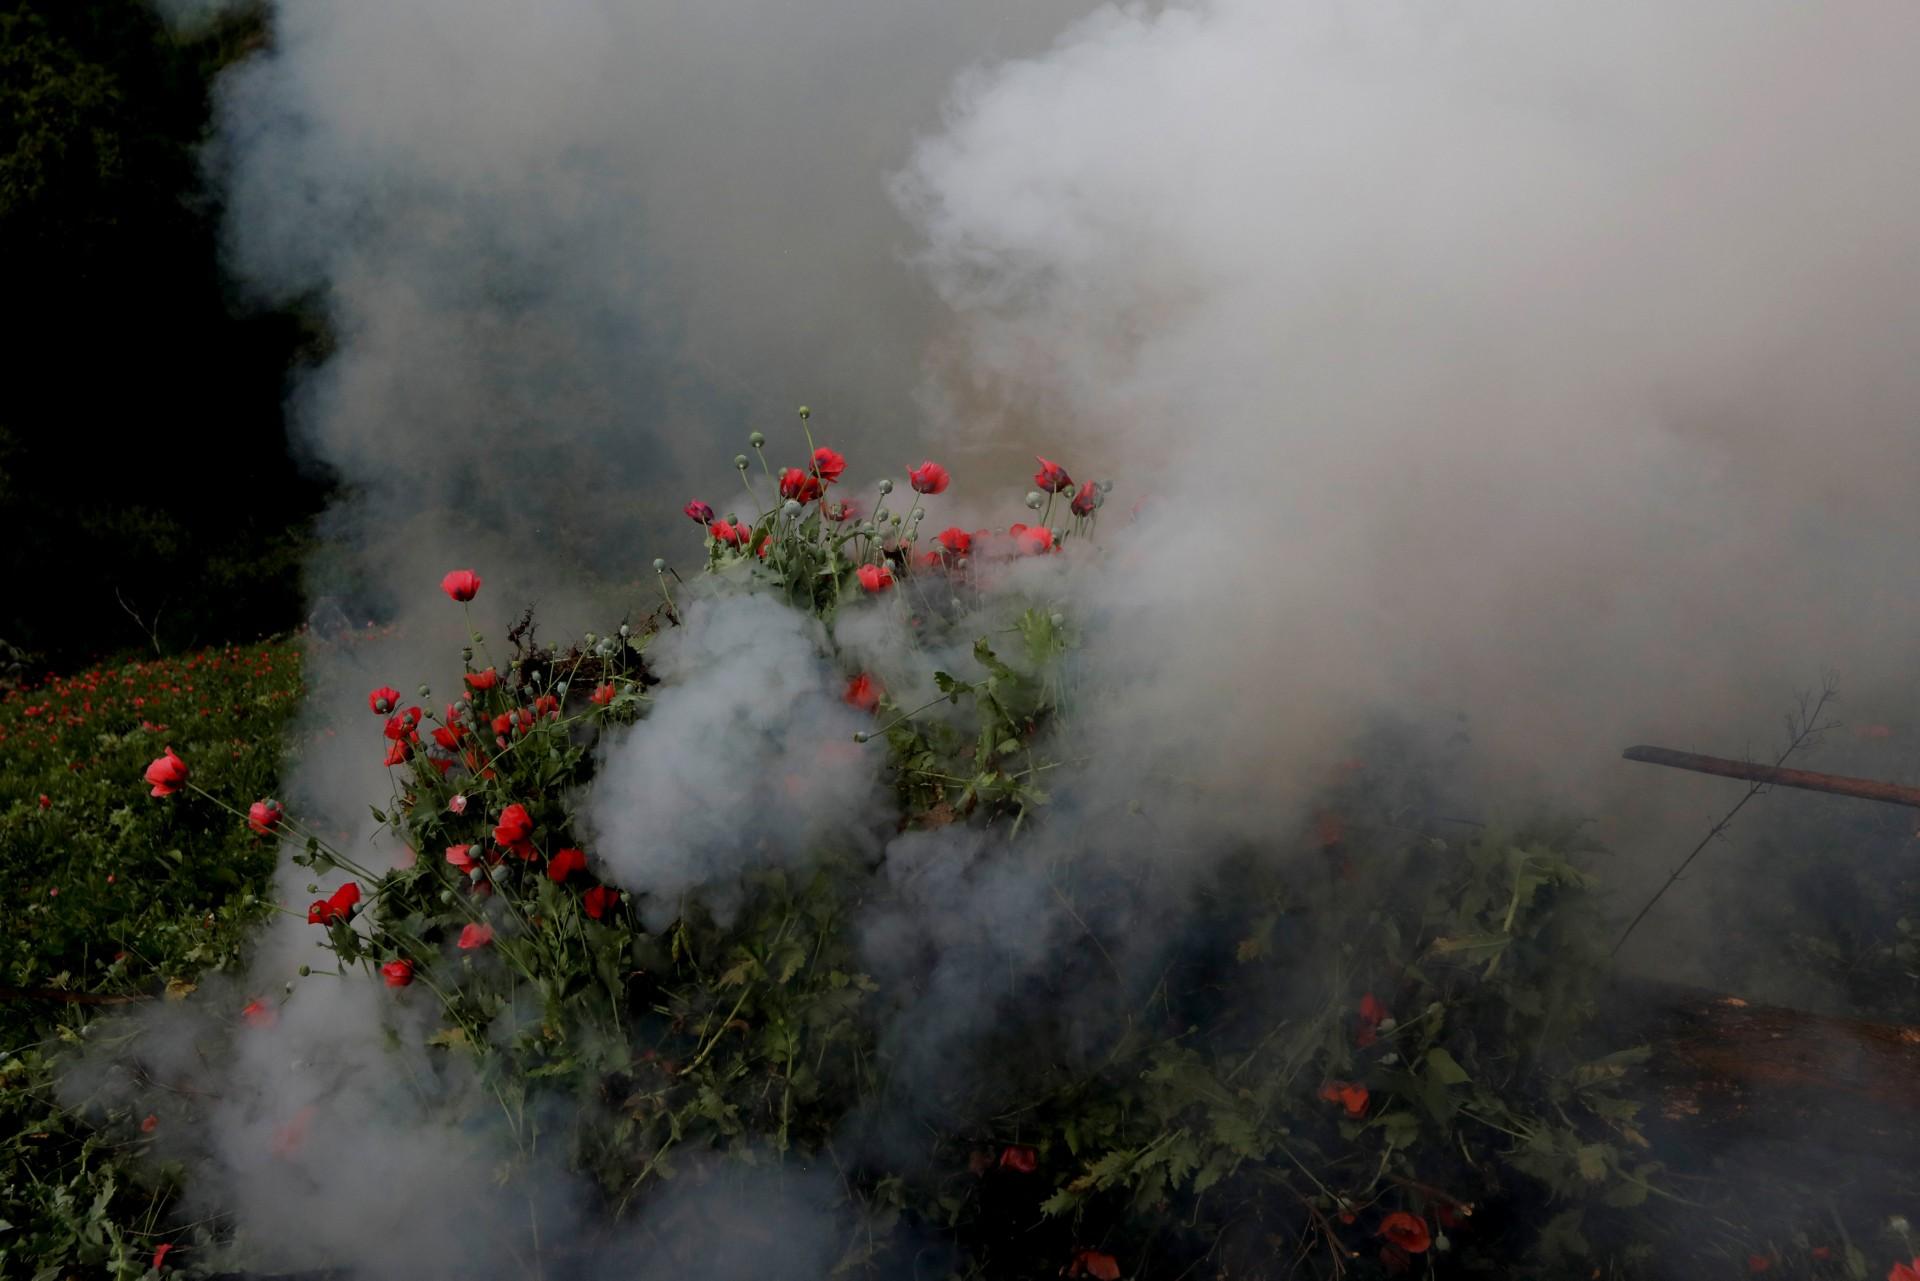 Los soldados queman una plantación ilegal de opio cerca de Pueblo Viejo en la Sierra Madre del Sur, en el estado sureño de Guerrero, México, el 25 de agosto de 2018.